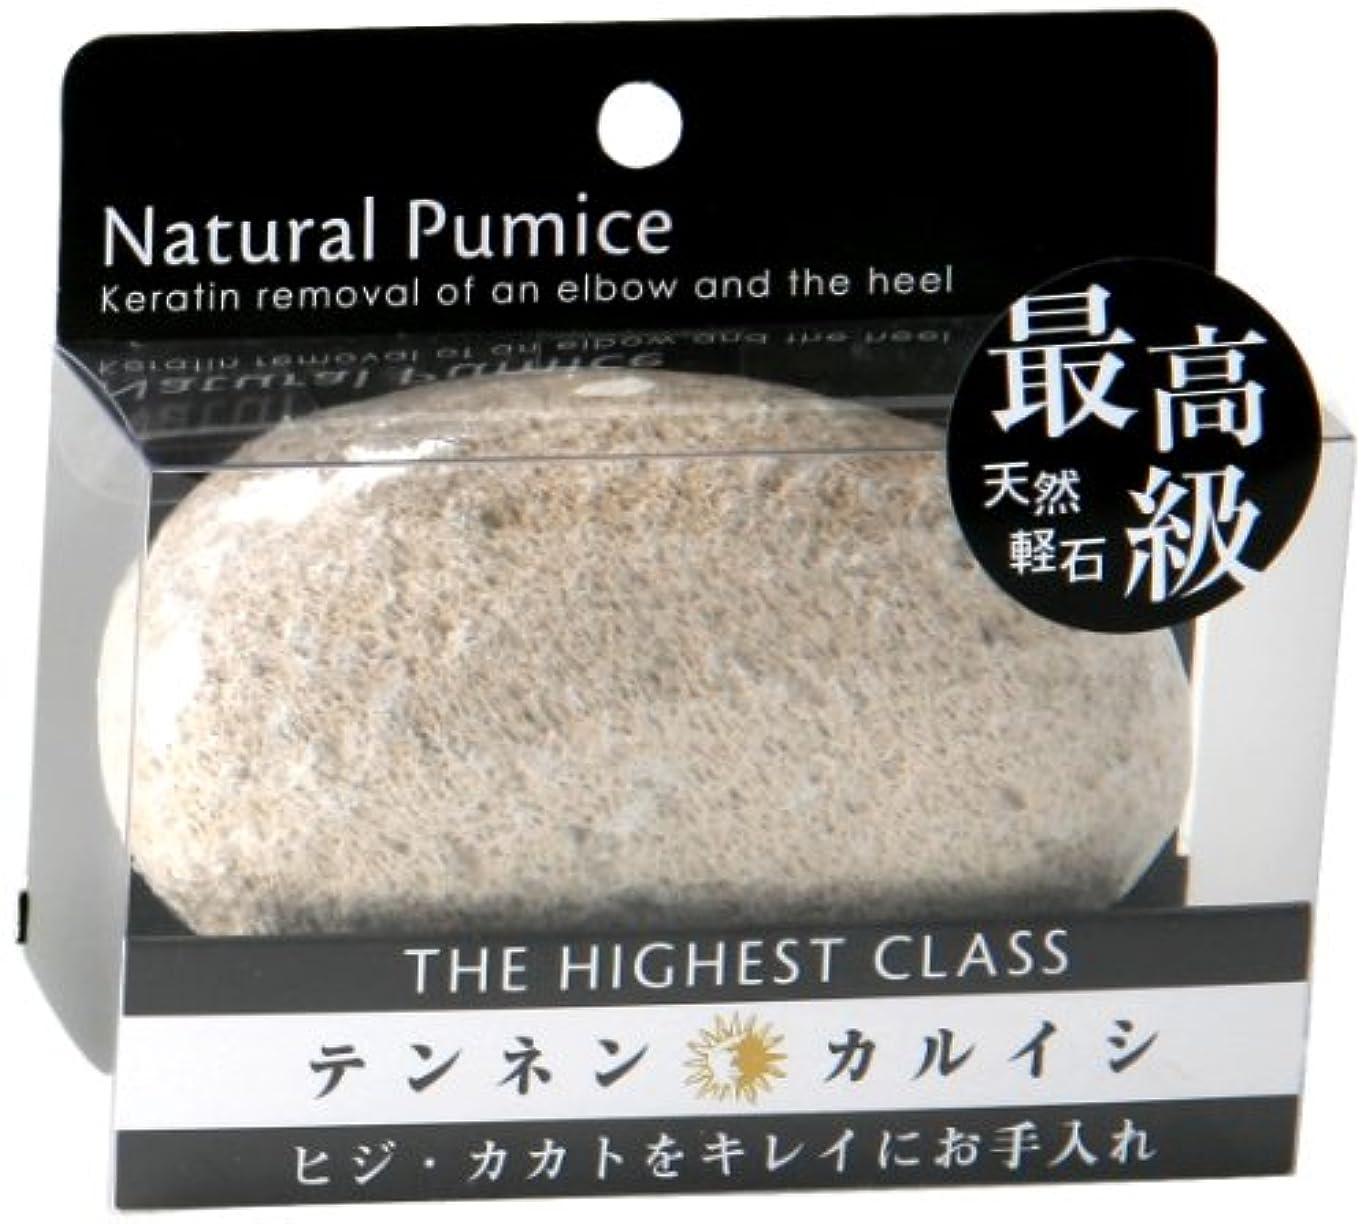 近々プライムうめき声日本興業 最高級 天然 軽石